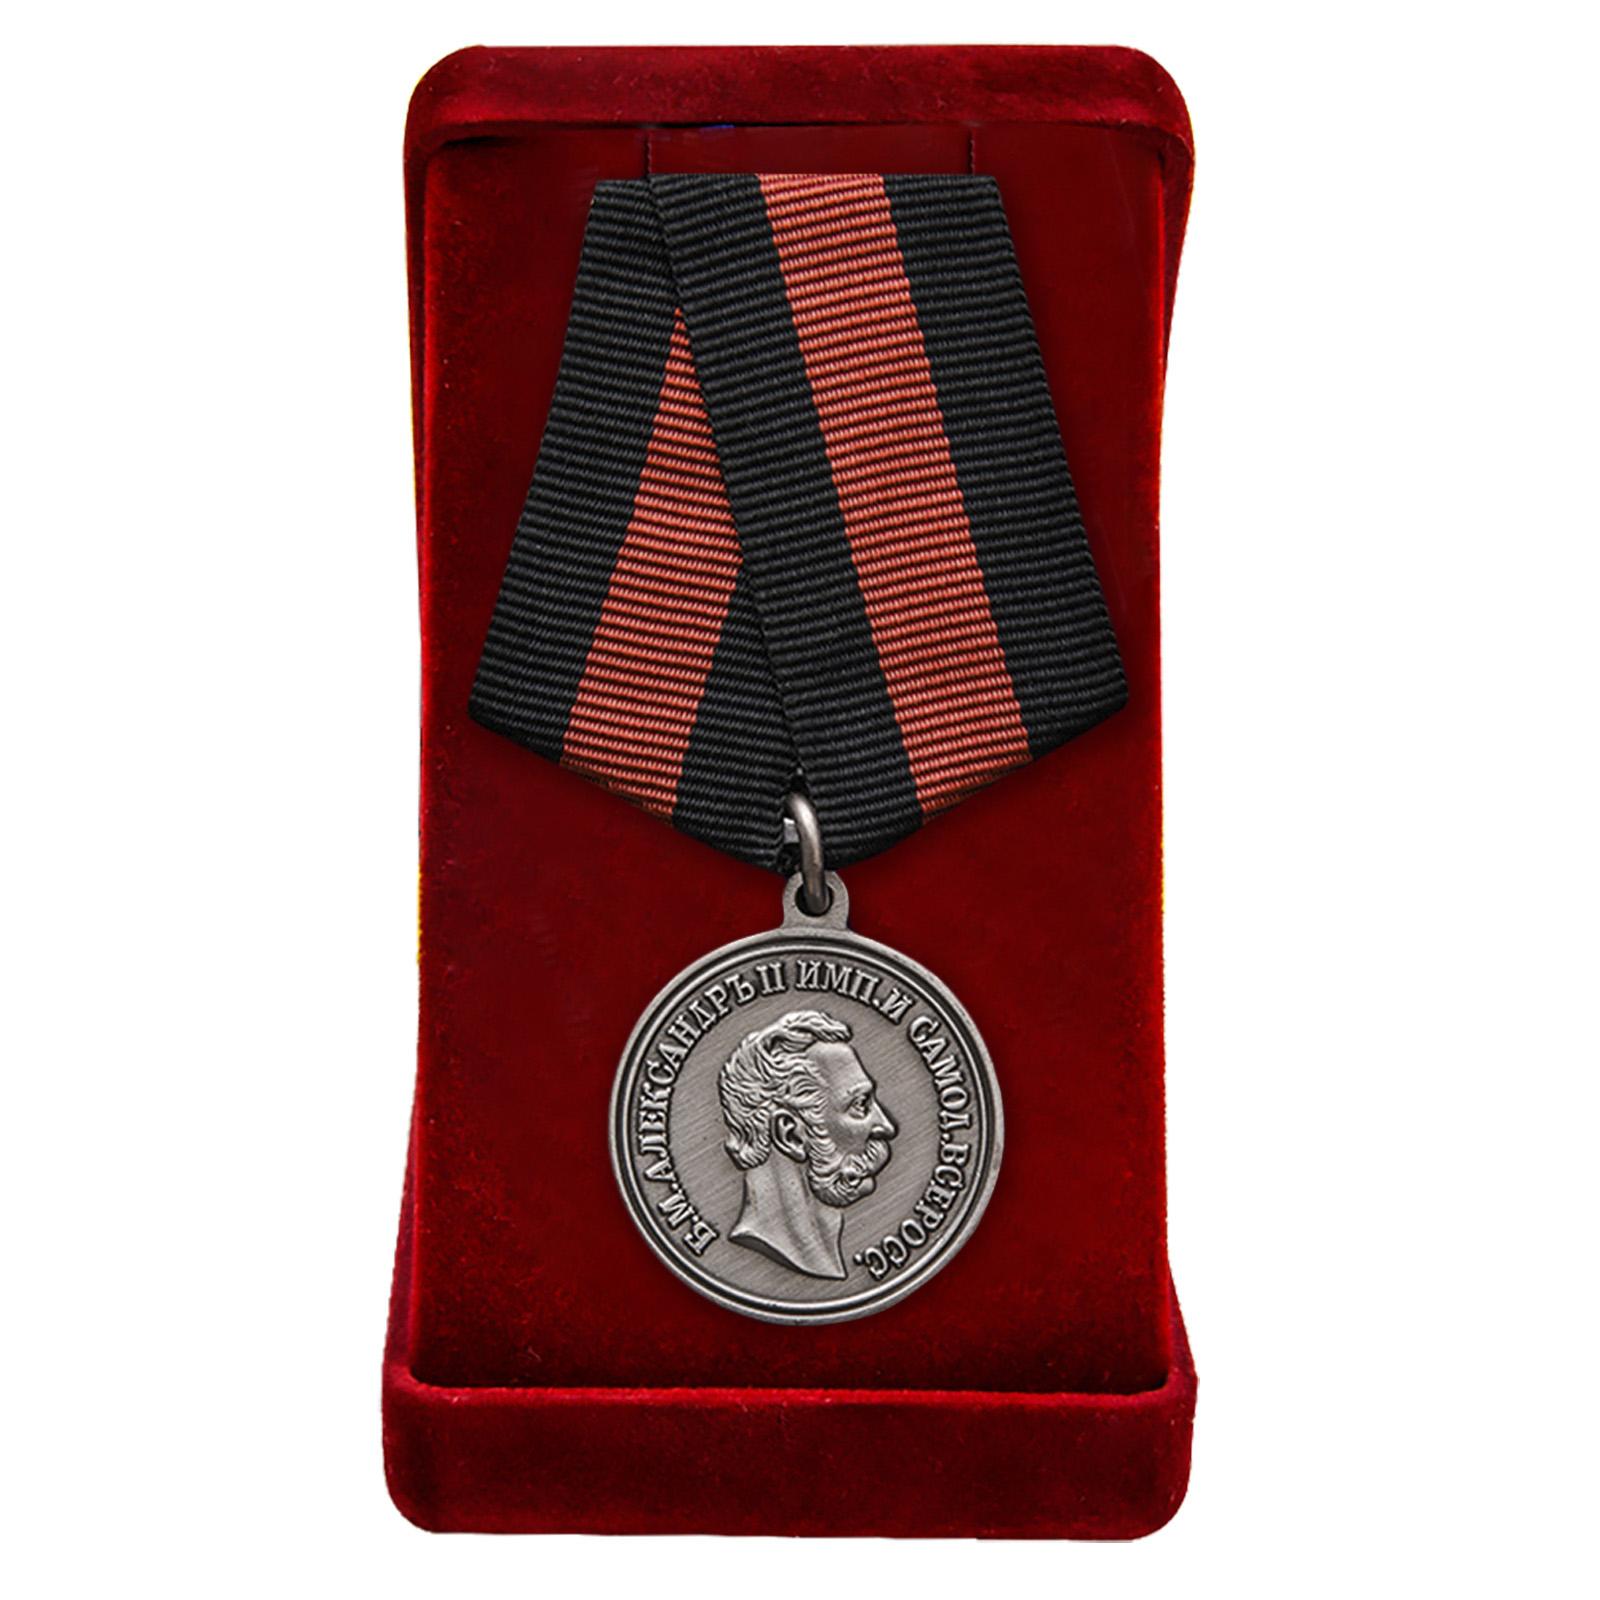 Купить медаль Александра II За спасение погибавших с доставкой в ваш город